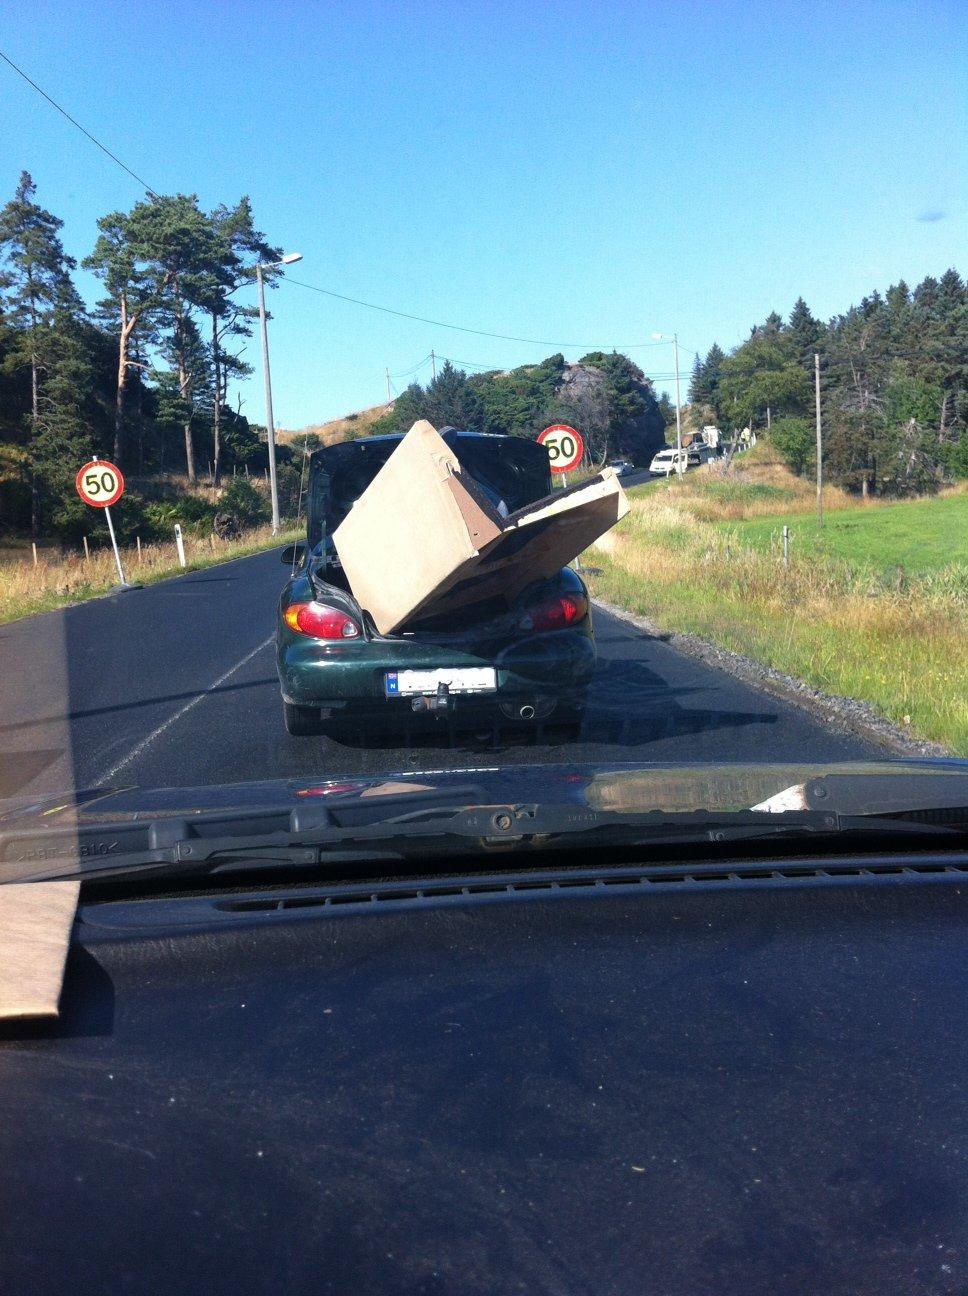 Dette kan umulig være trygt. - Bildet er tatt rett etter avkjøringen til Årabrot, sier tipseren.                   (Foto: 2303-tipser)